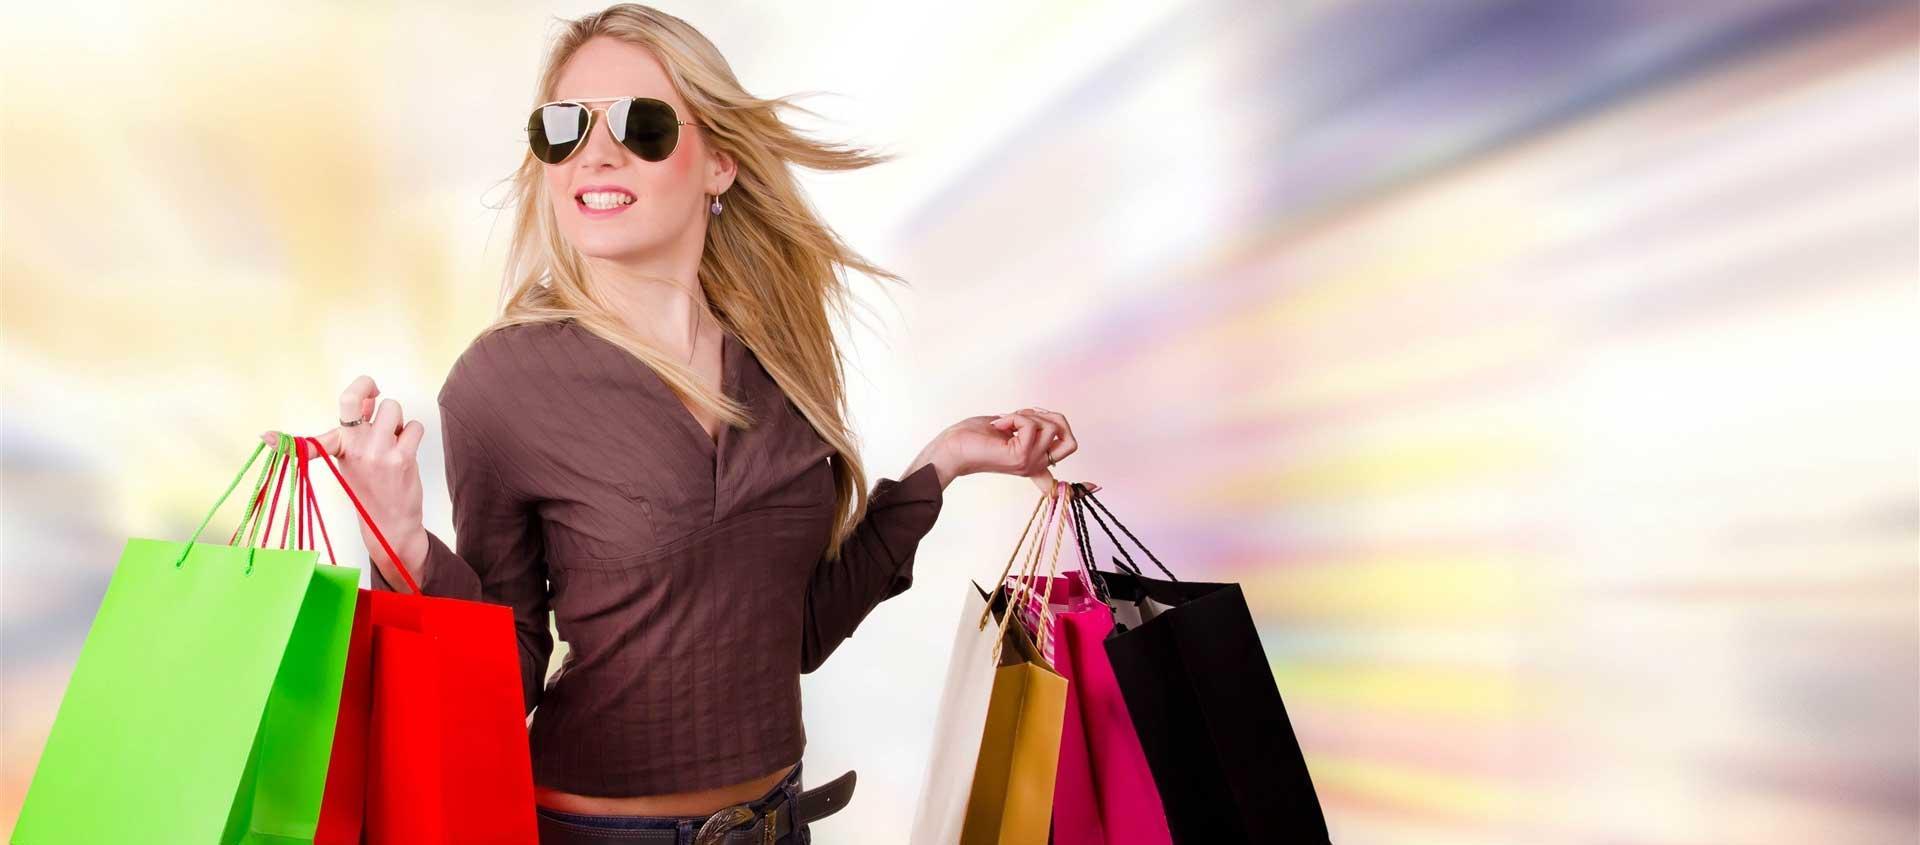 MOTHERGUN   интернет-магазин товаров для дома и хобби